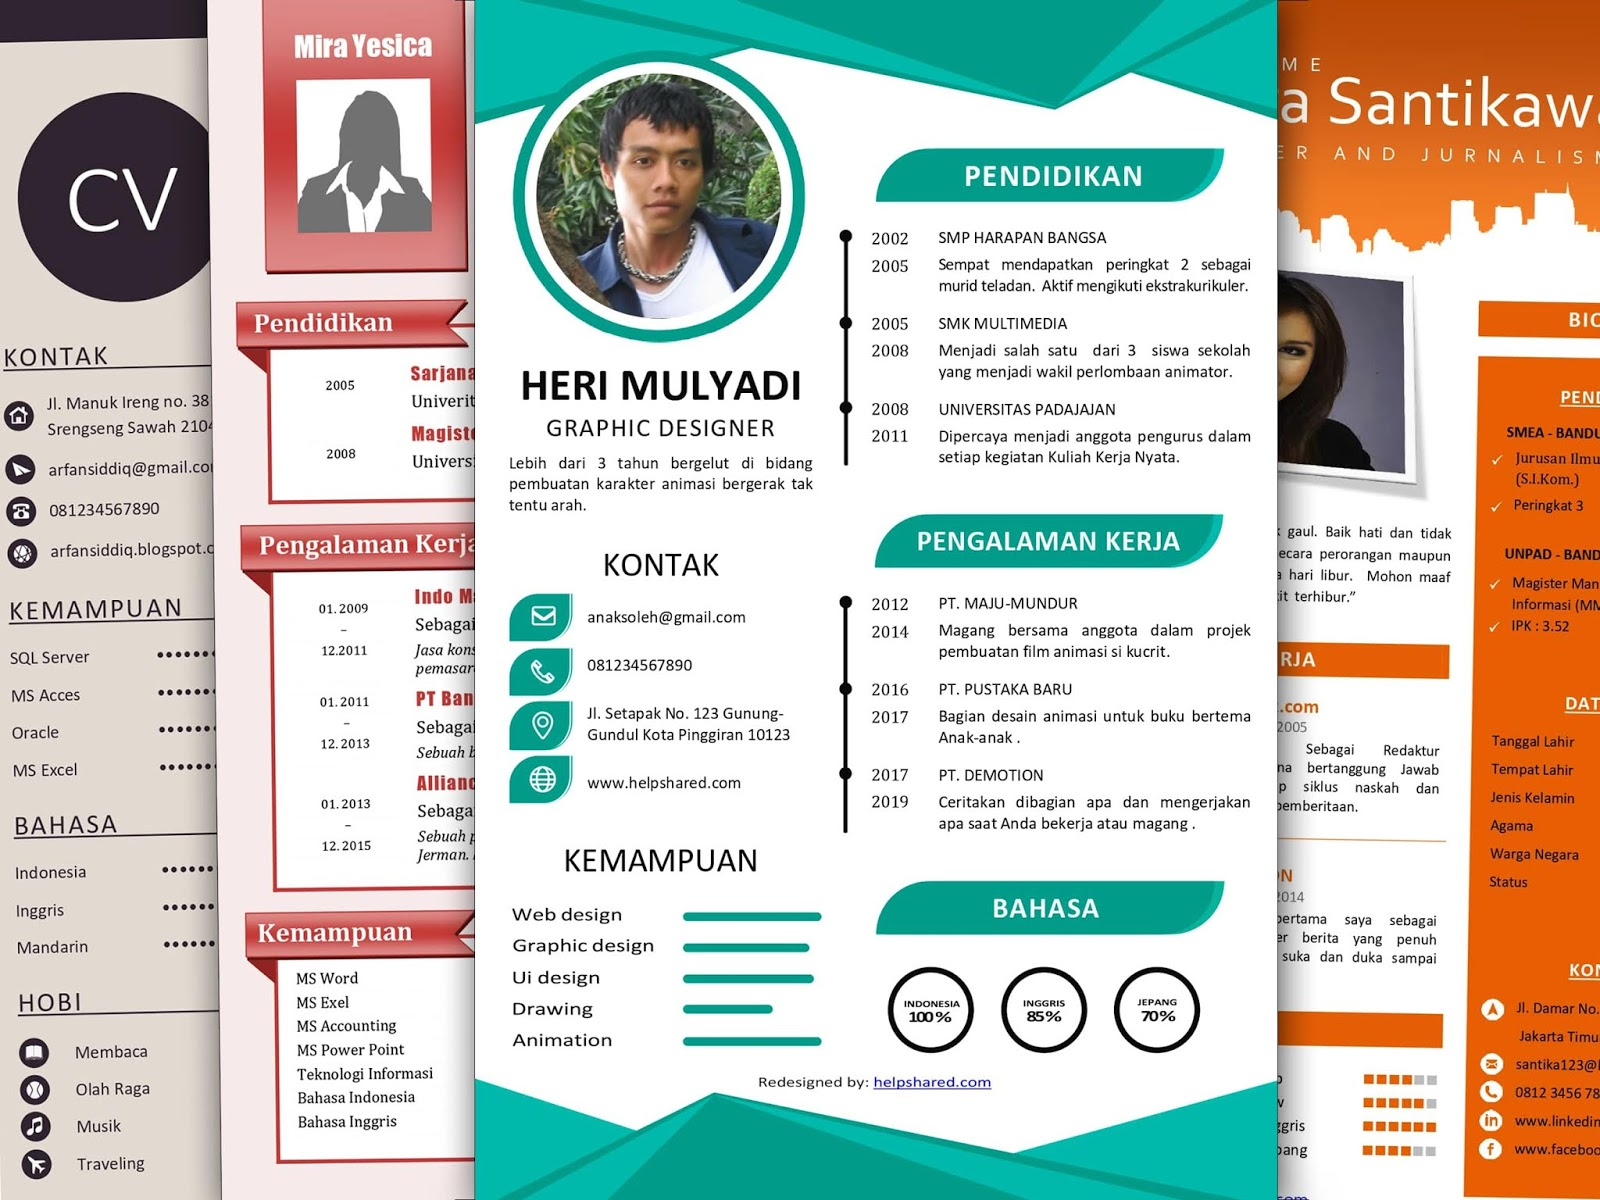 Contoh CV Lamaran Kerja Word docx pdf doc desain kreatif menarik bagus keren modern minimalis unik casual creative elegan cv bahasa indonesia fresh graduate mahasiswa template cv internasional download file format cv terbaru bisa di edit